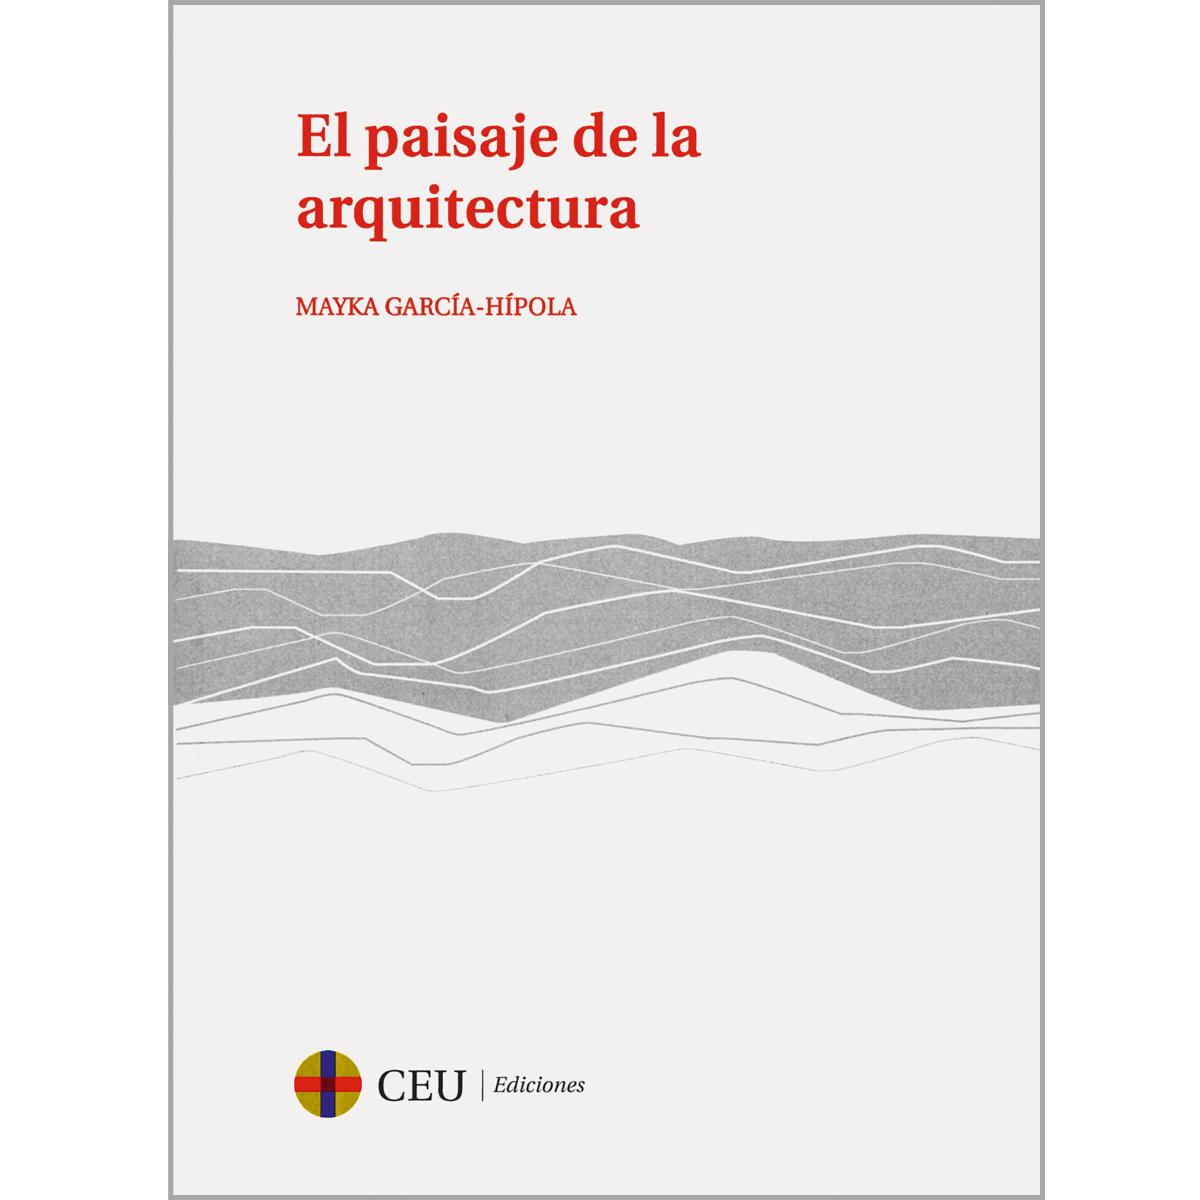 El paisaje de la arquitectura